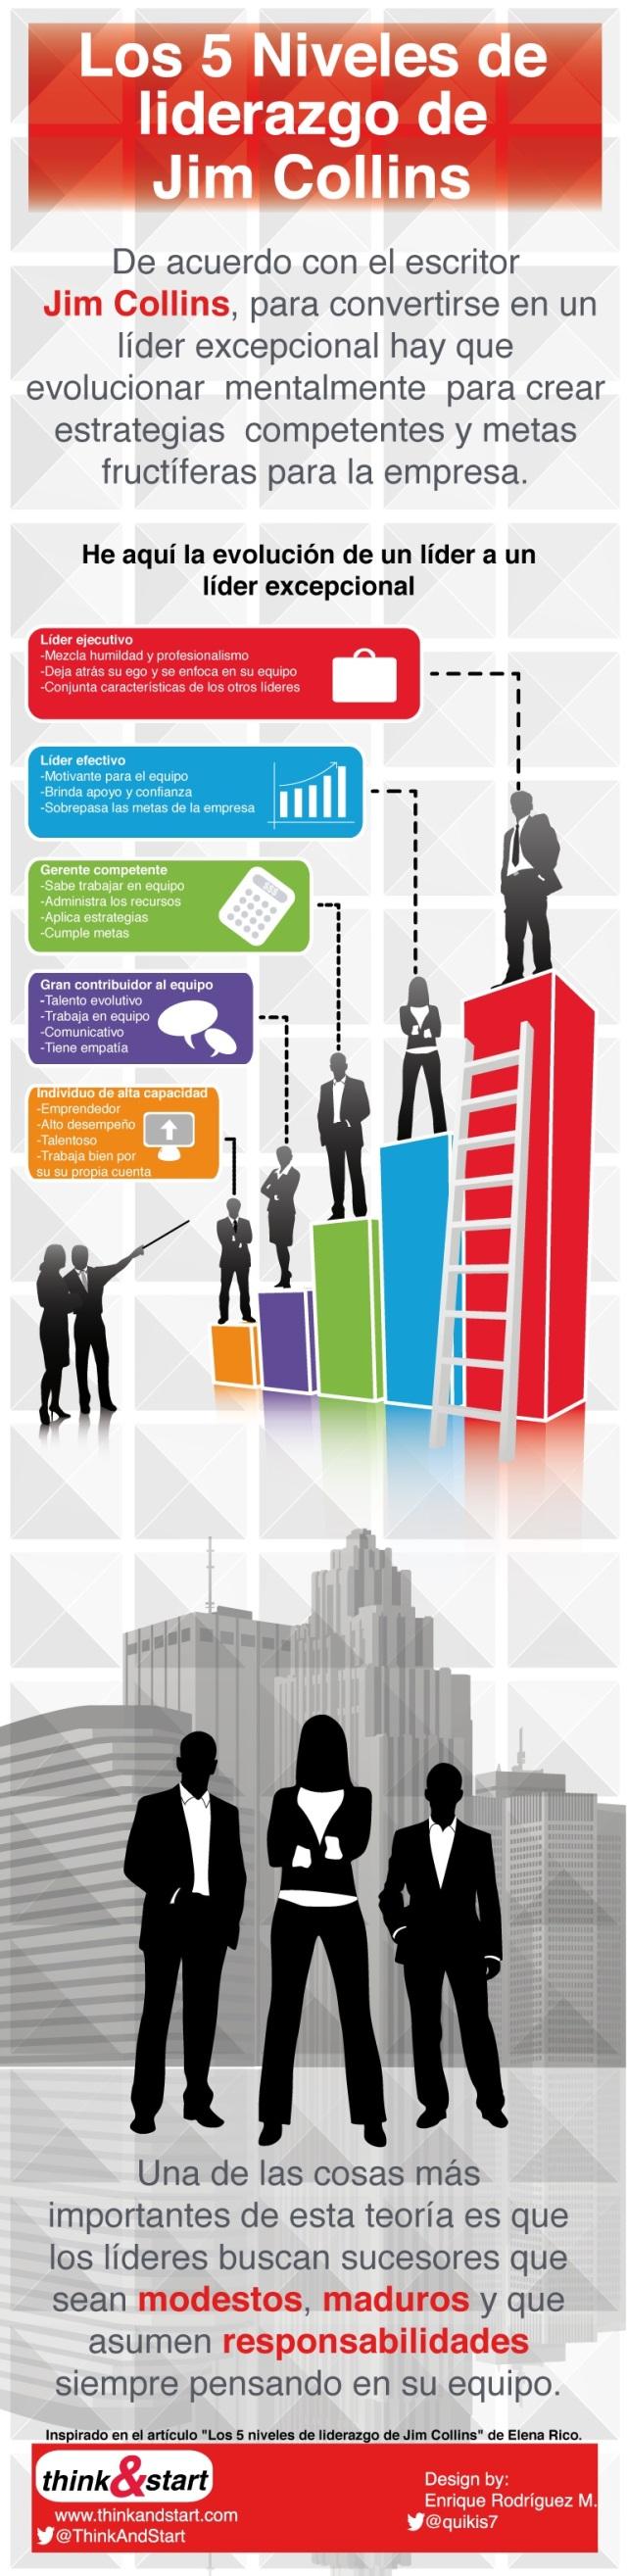 5 niveles de liderazgo de Jim Collins